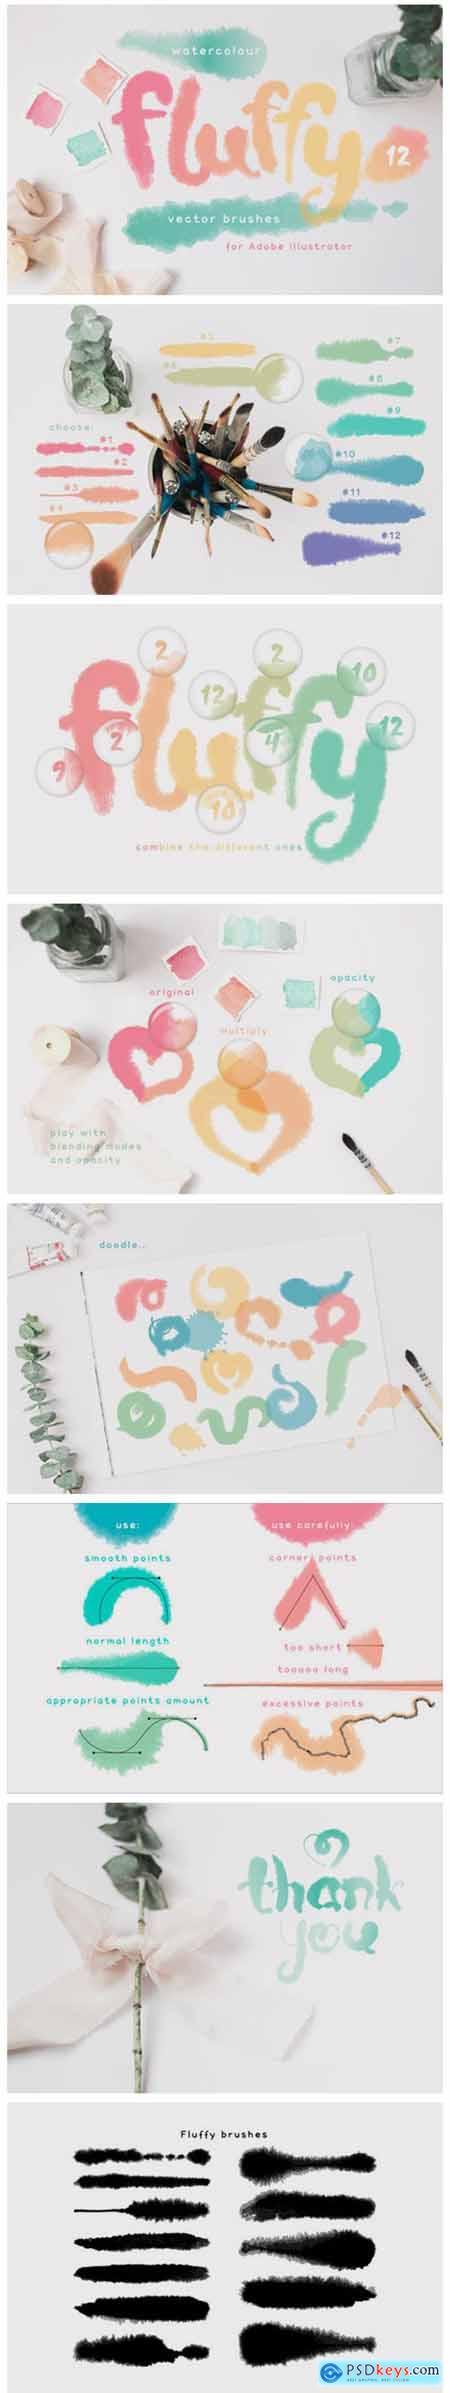 Fluffy Brushes for Illustrator 6682657